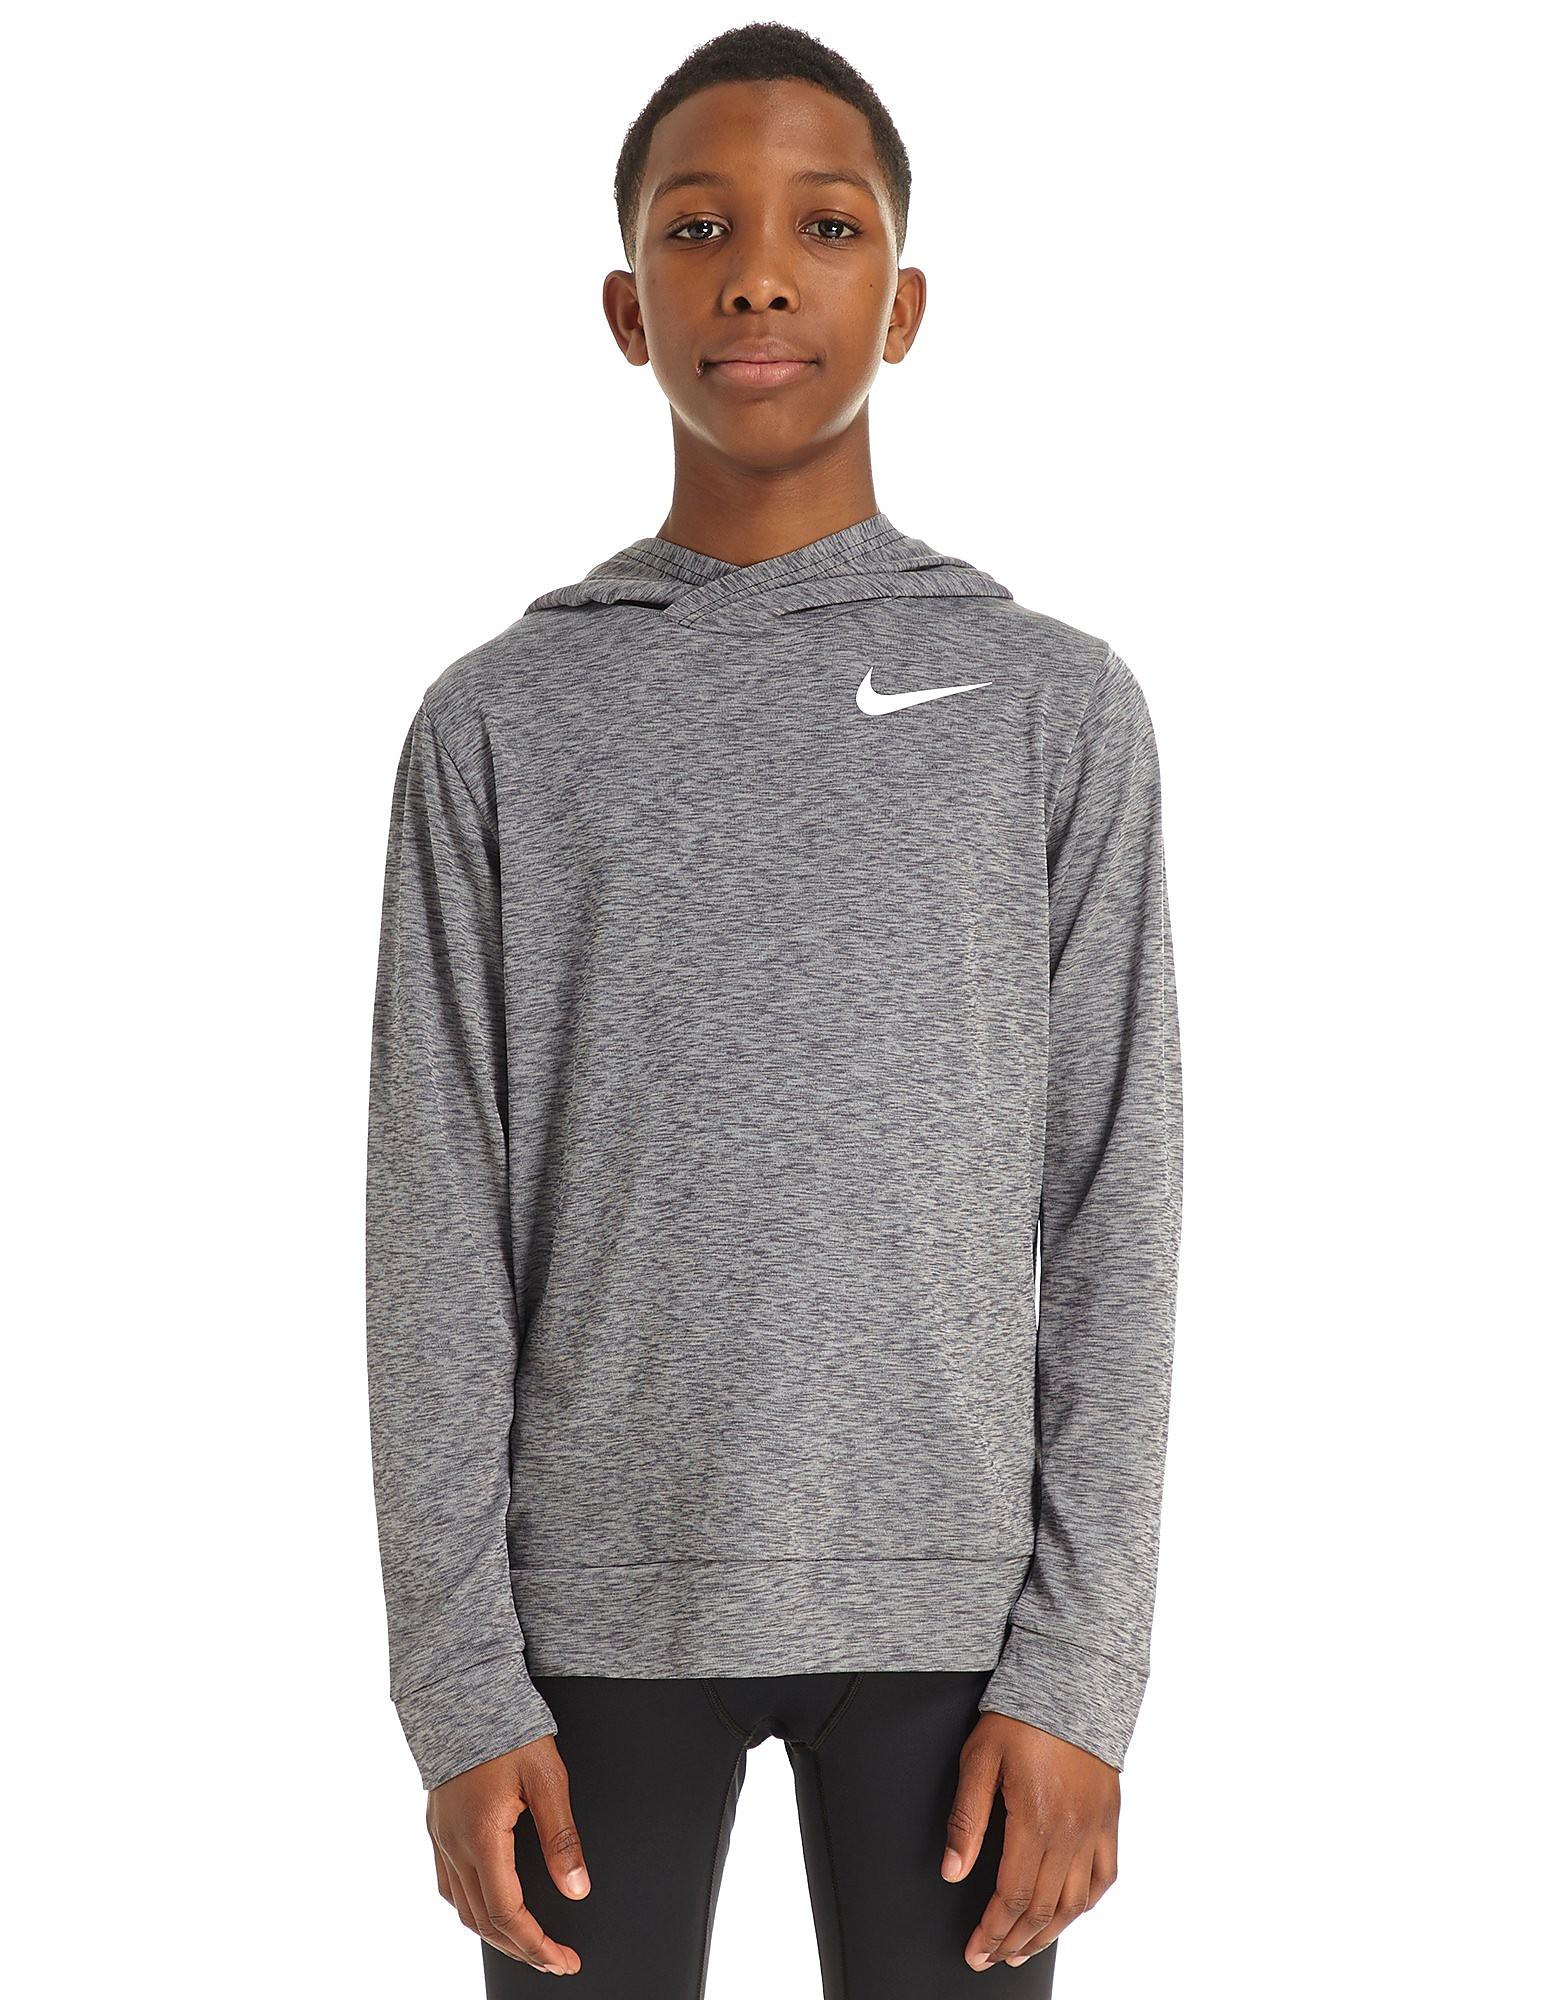 Nike Dry Hoody Junior